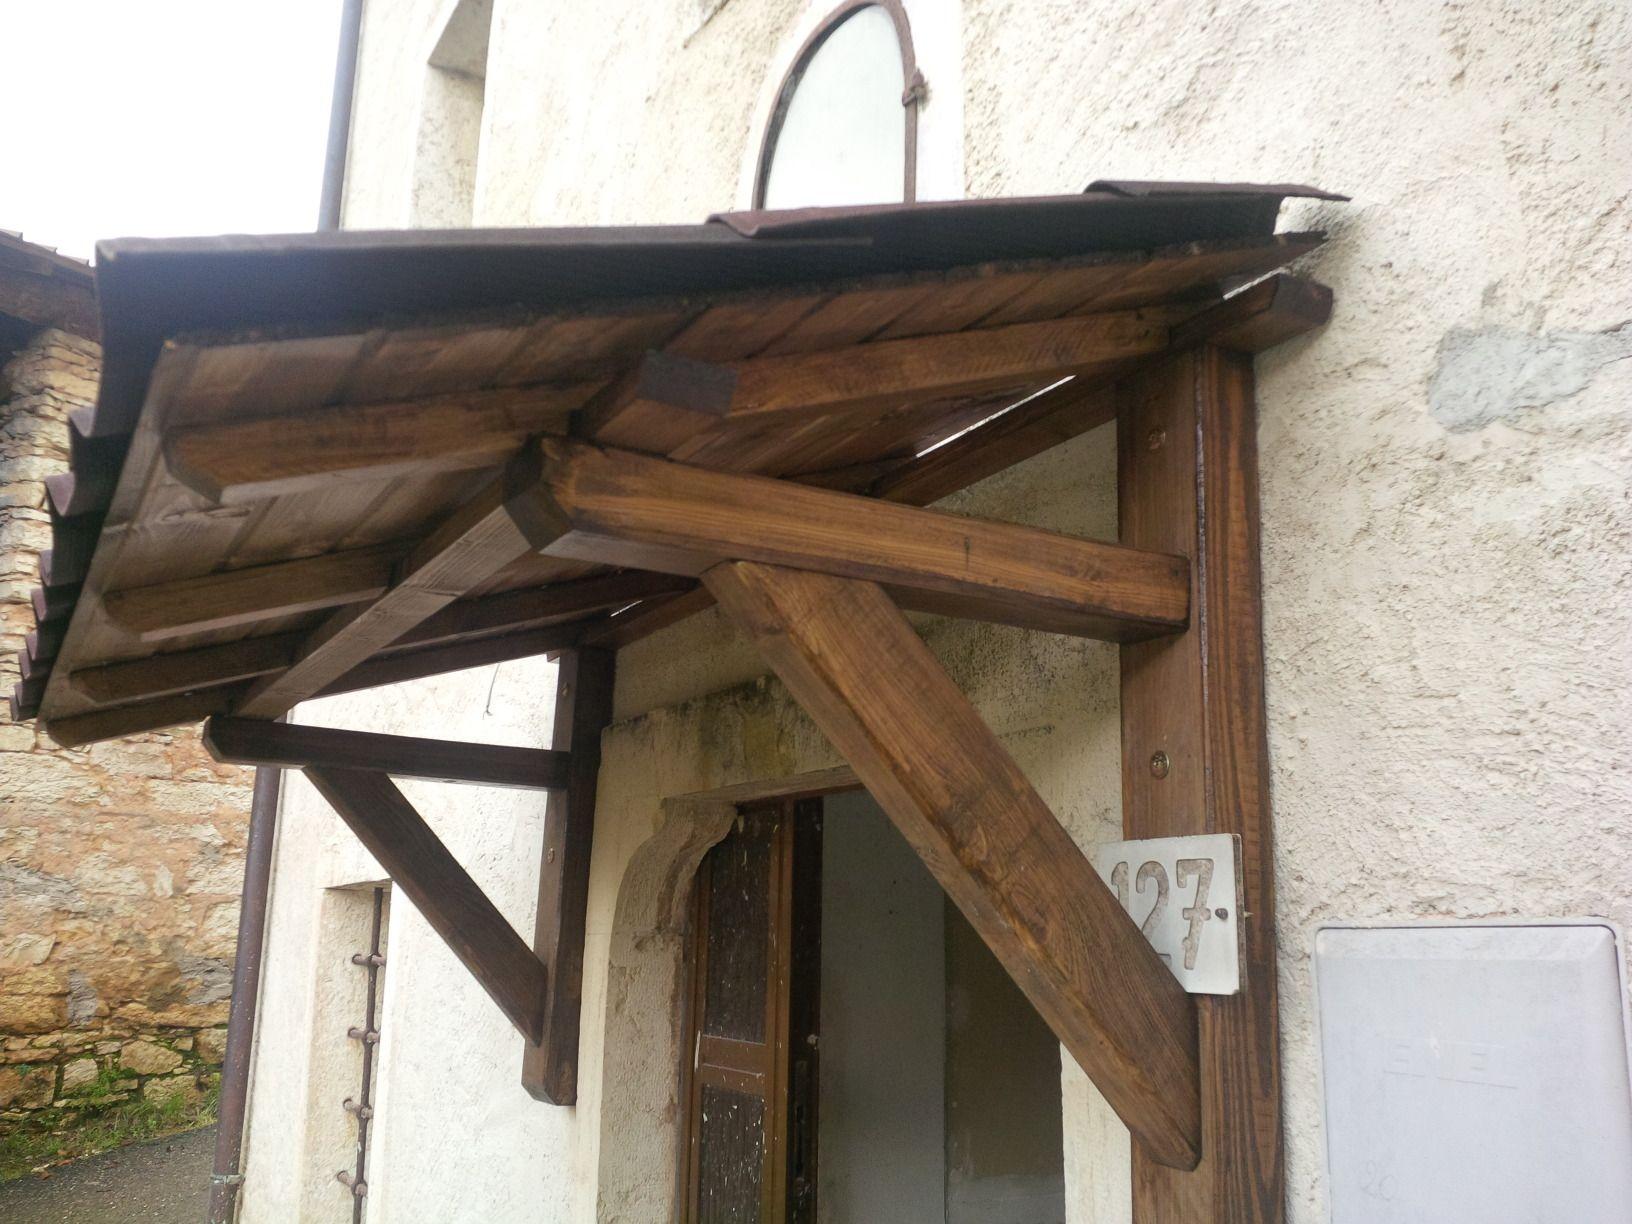 tettoia in legno riciclato da pallet e imballi come costruire con legno riciclato una piccola. Black Bedroom Furniture Sets. Home Design Ideas